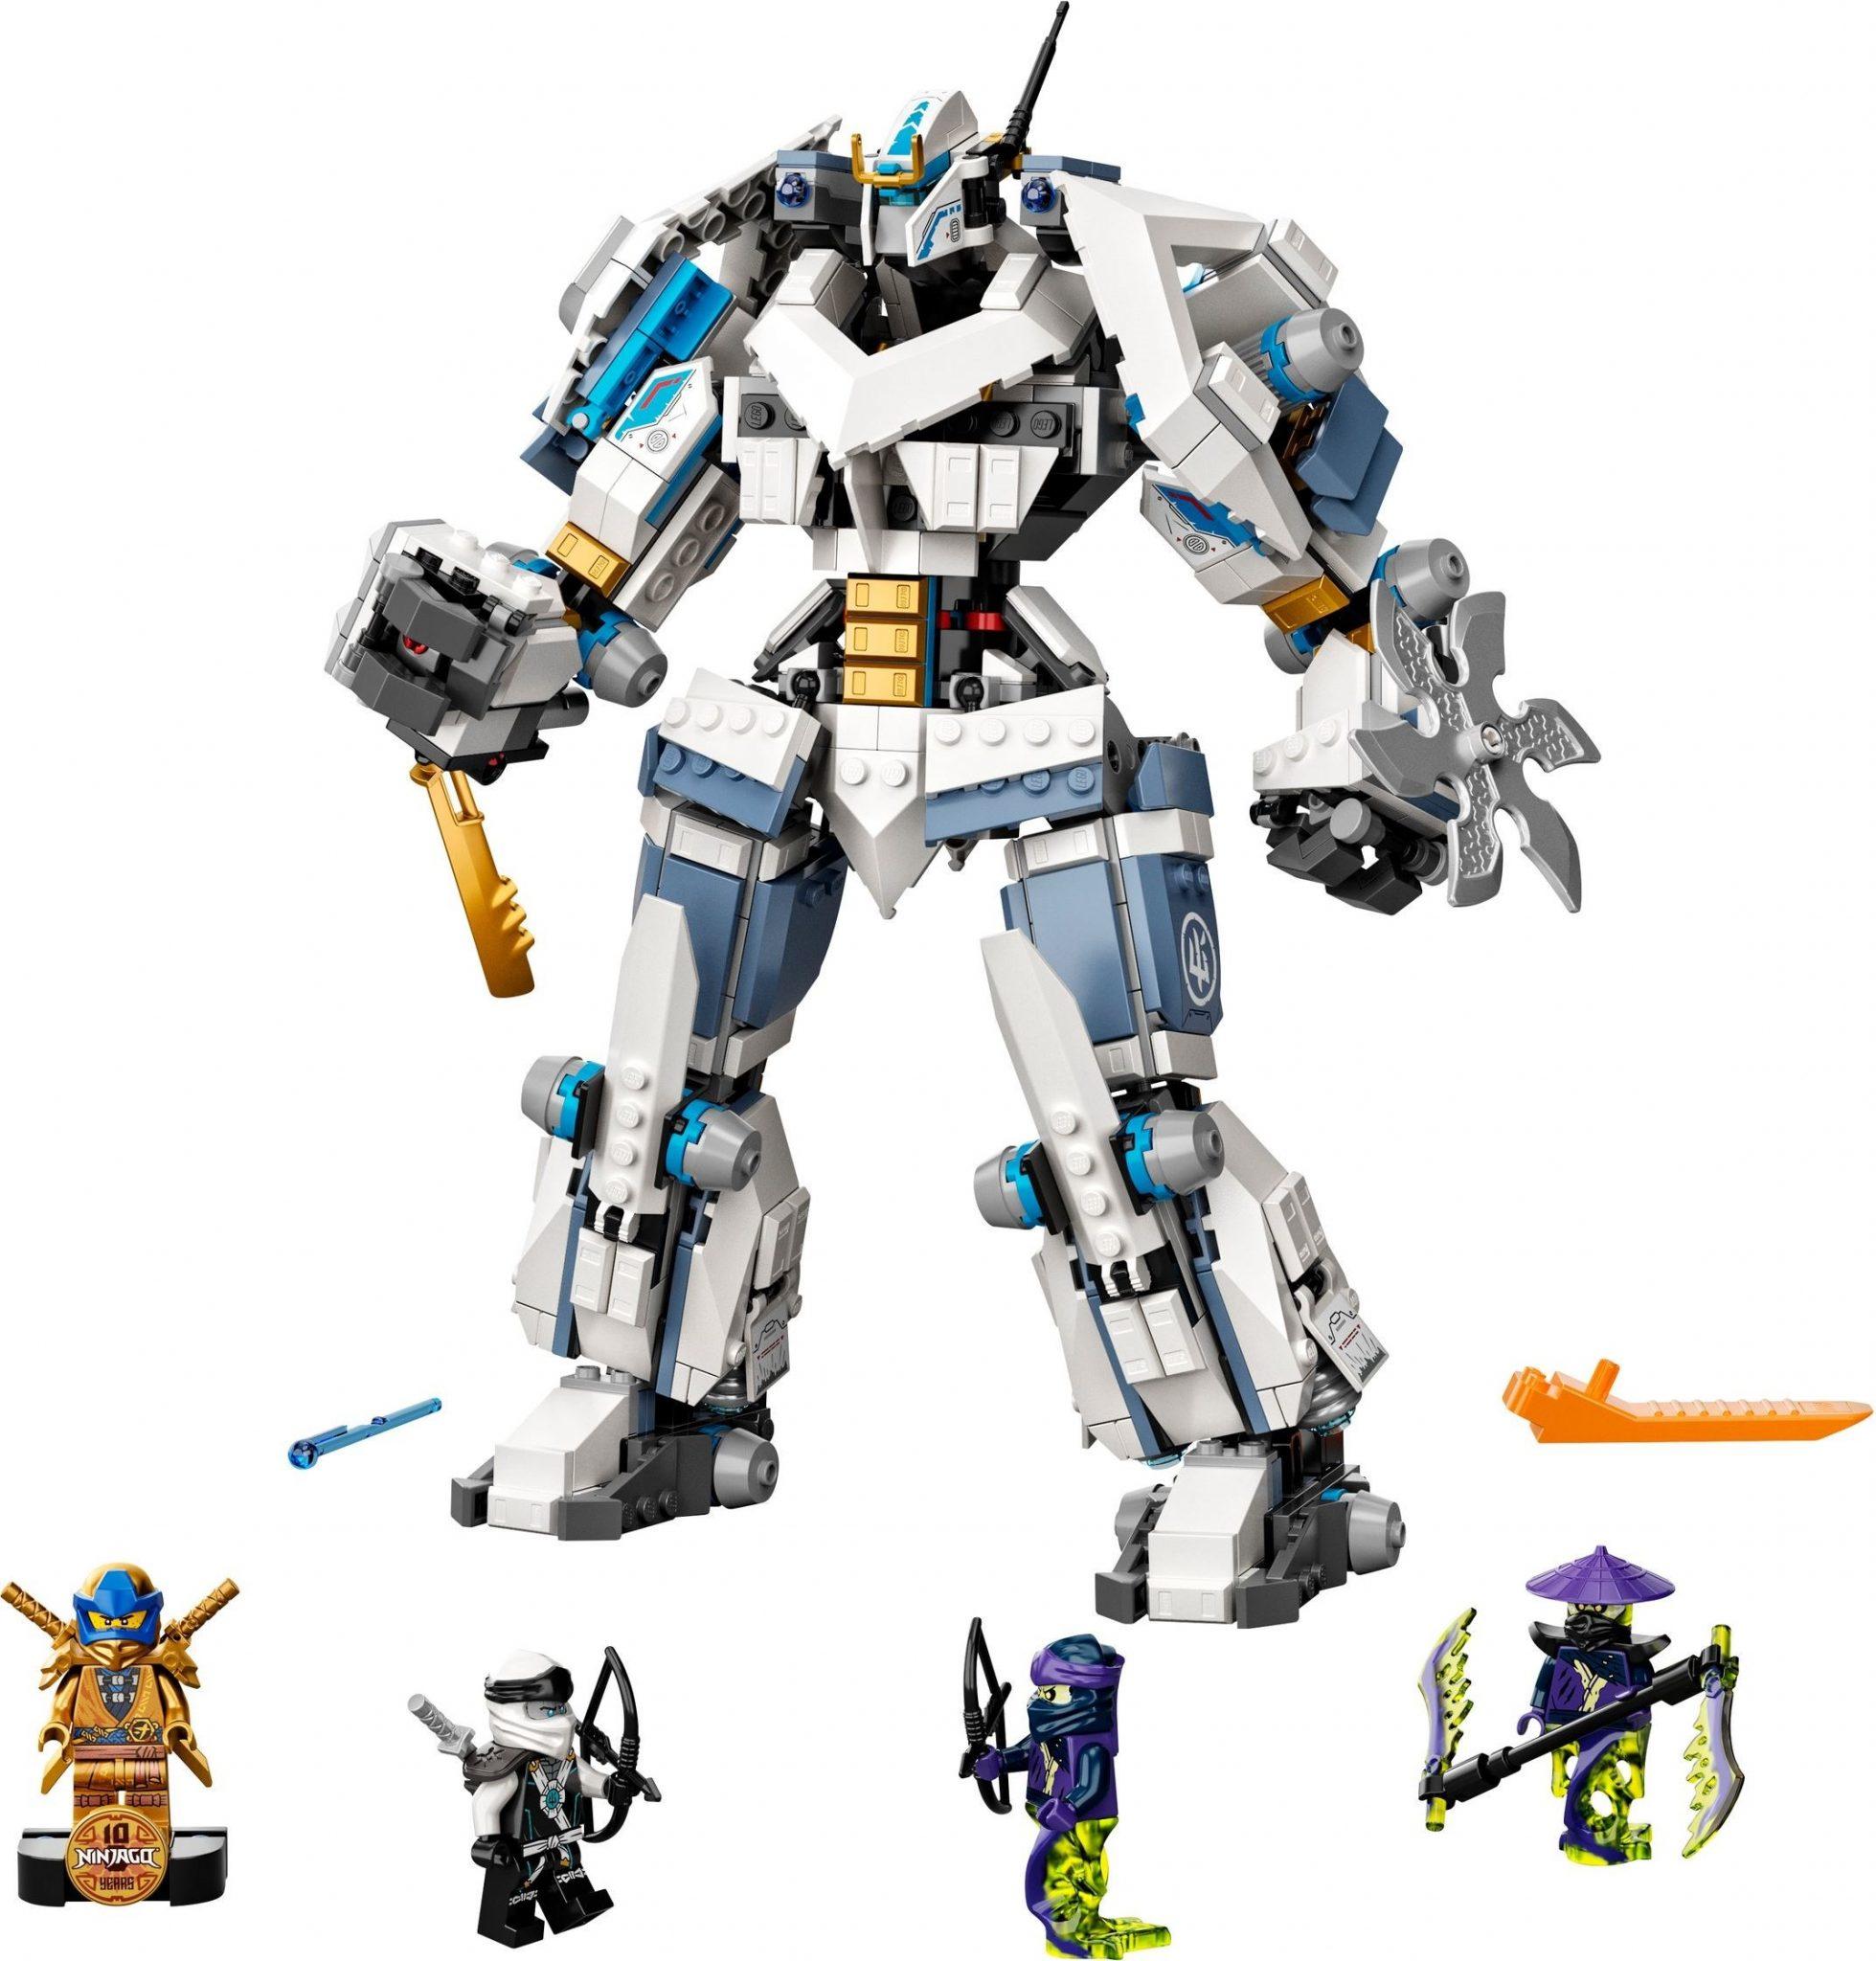 LEGO NINJAGO 71738 ZANE'S TITAN MECH BATTLE • Thomas Moore